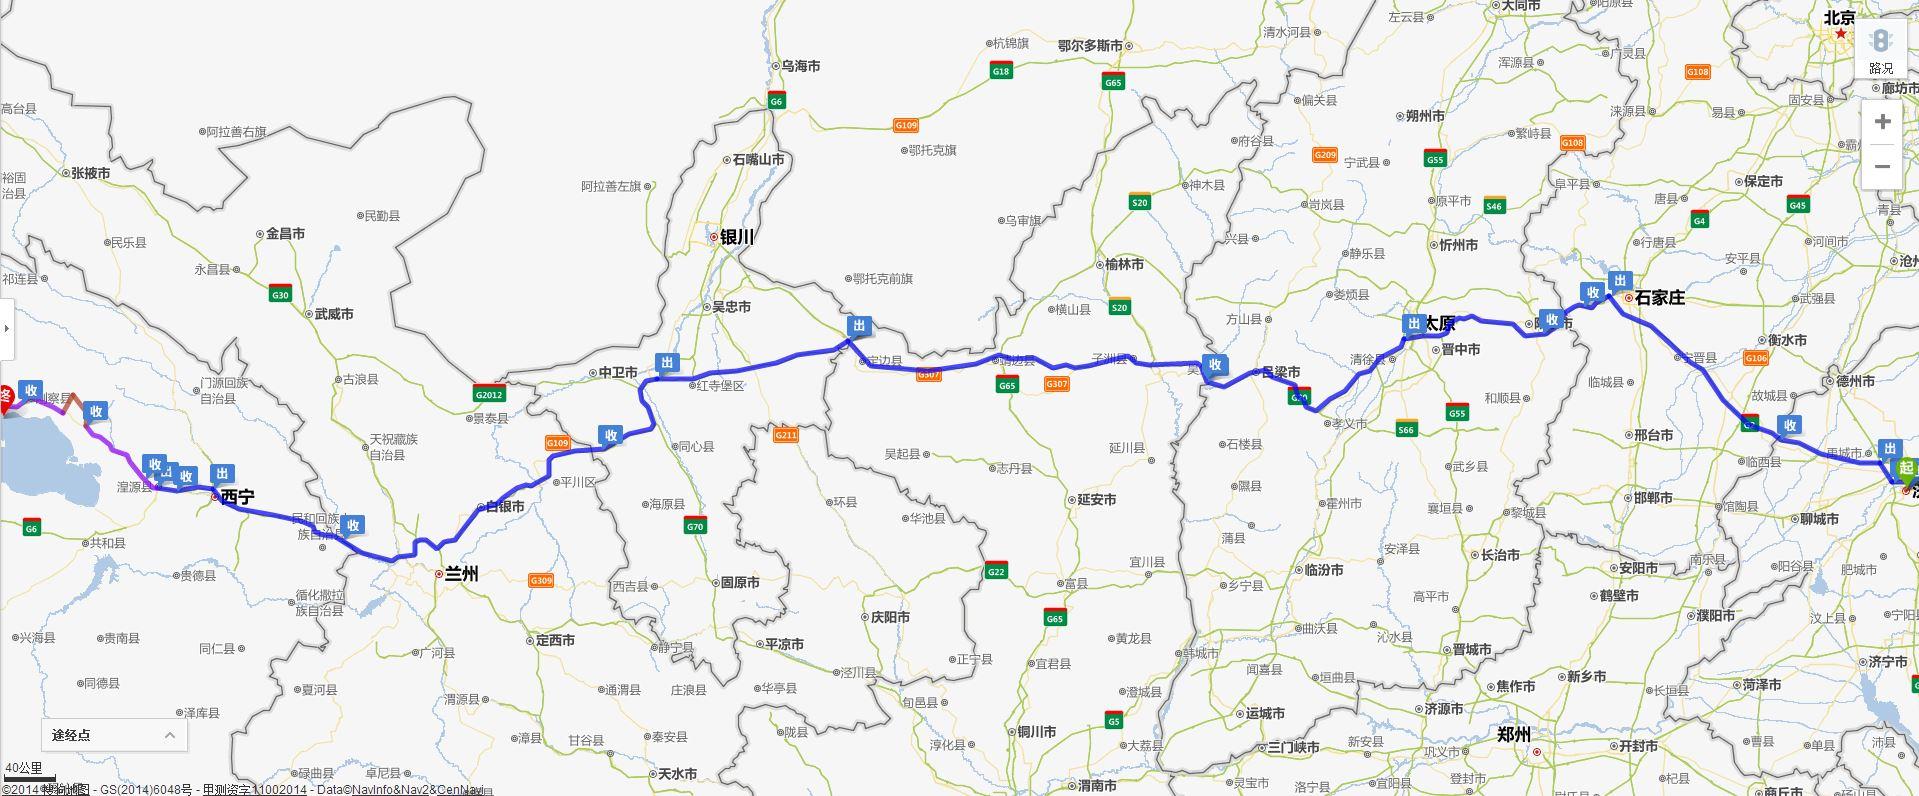 从济南去青海,为什么导航上的路线都是经过西安的呢?